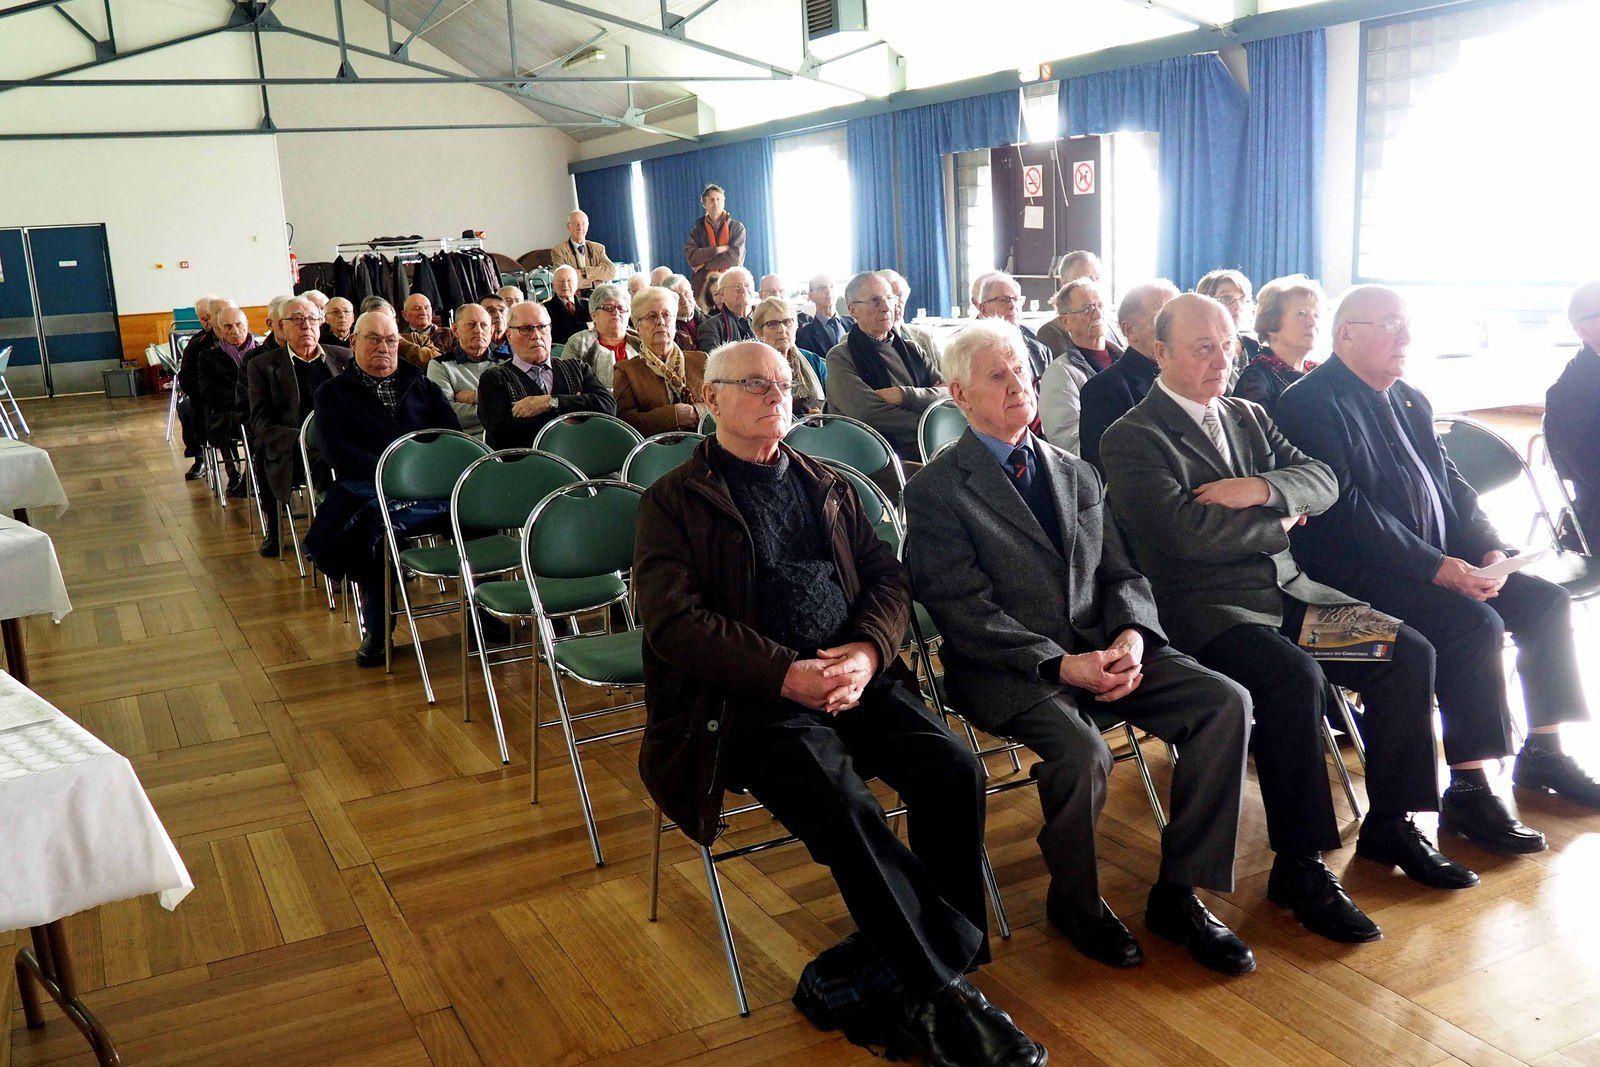 L'Assemblée Générale de la section UNC de Saint Malo, s'est déroulée le 19/02, Salle des Associations de St Malo.